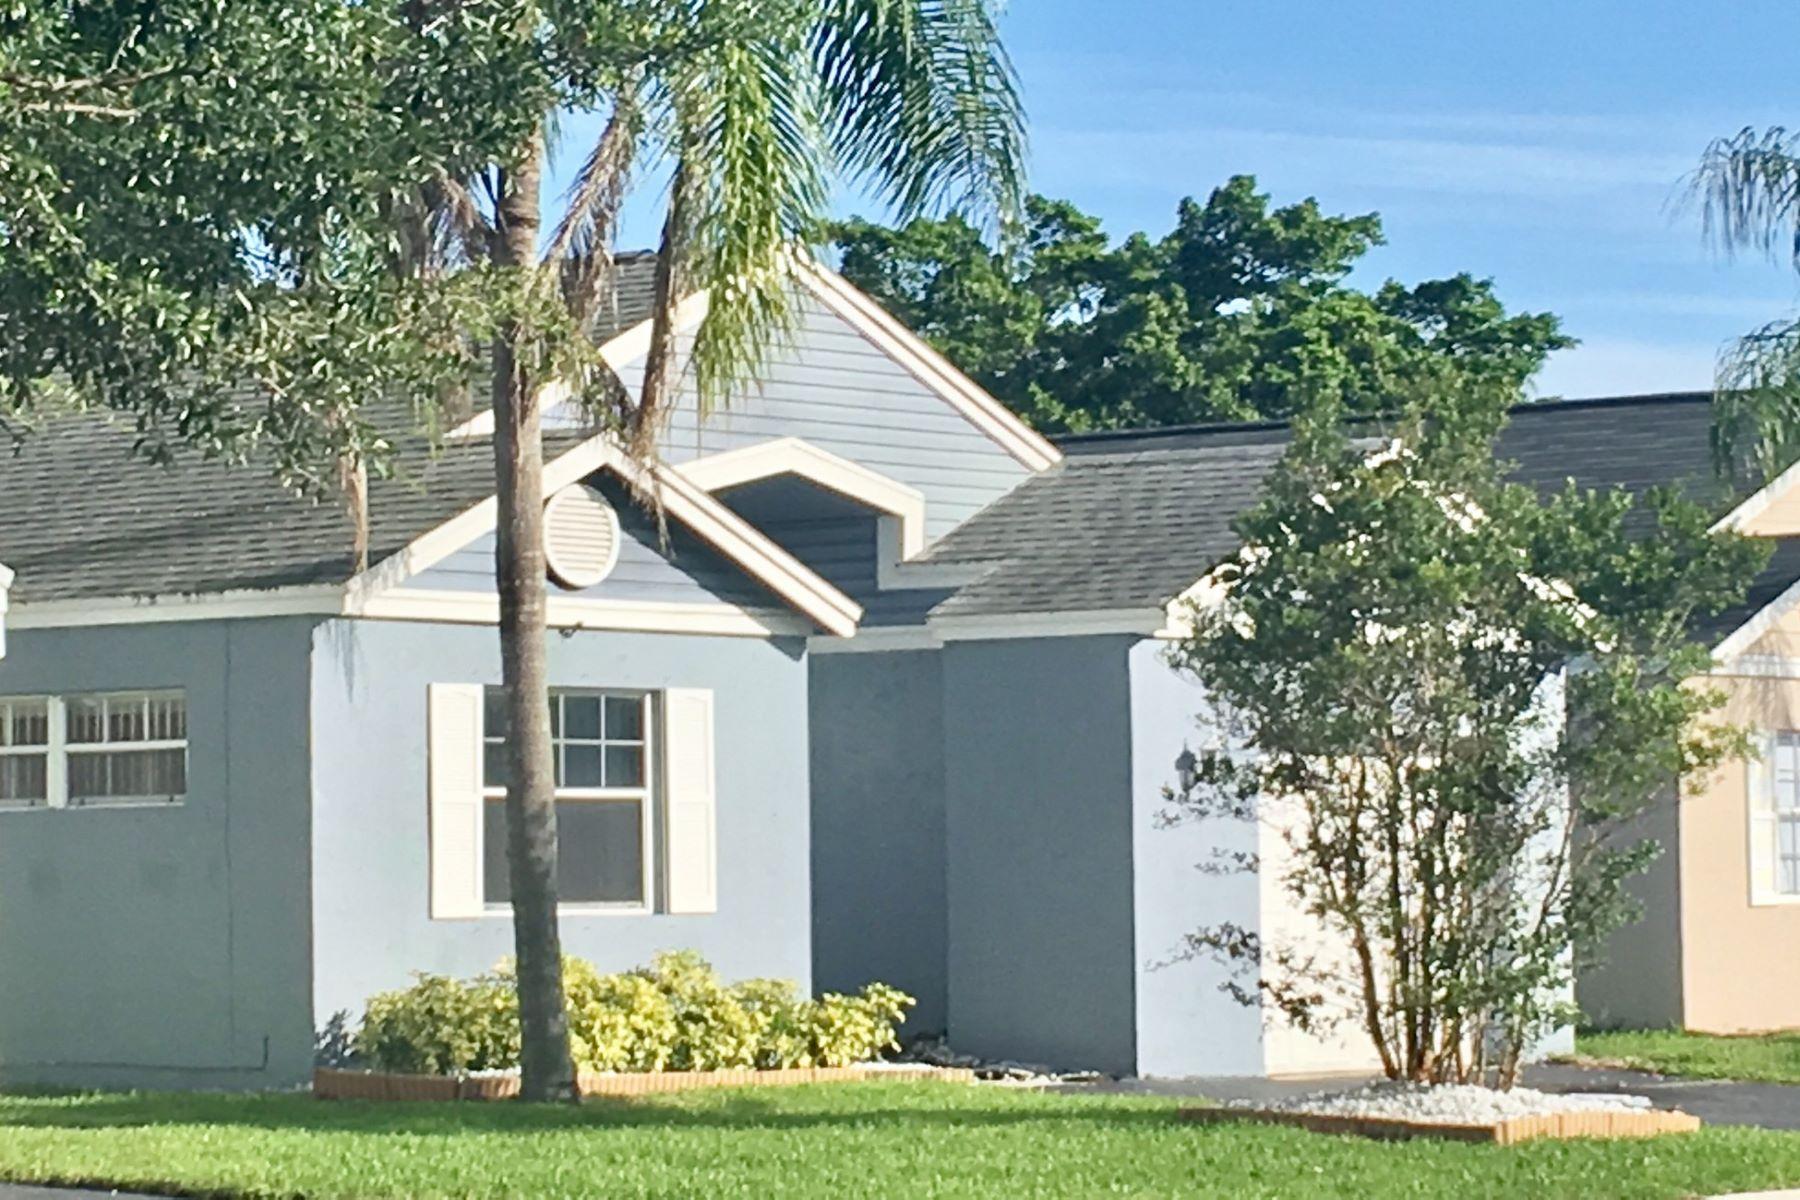 واحد منزل الأسرة للـ Rent في 181SW 159 WAY 181 SW 159 WAY Sunrise, Florida 33326 United States